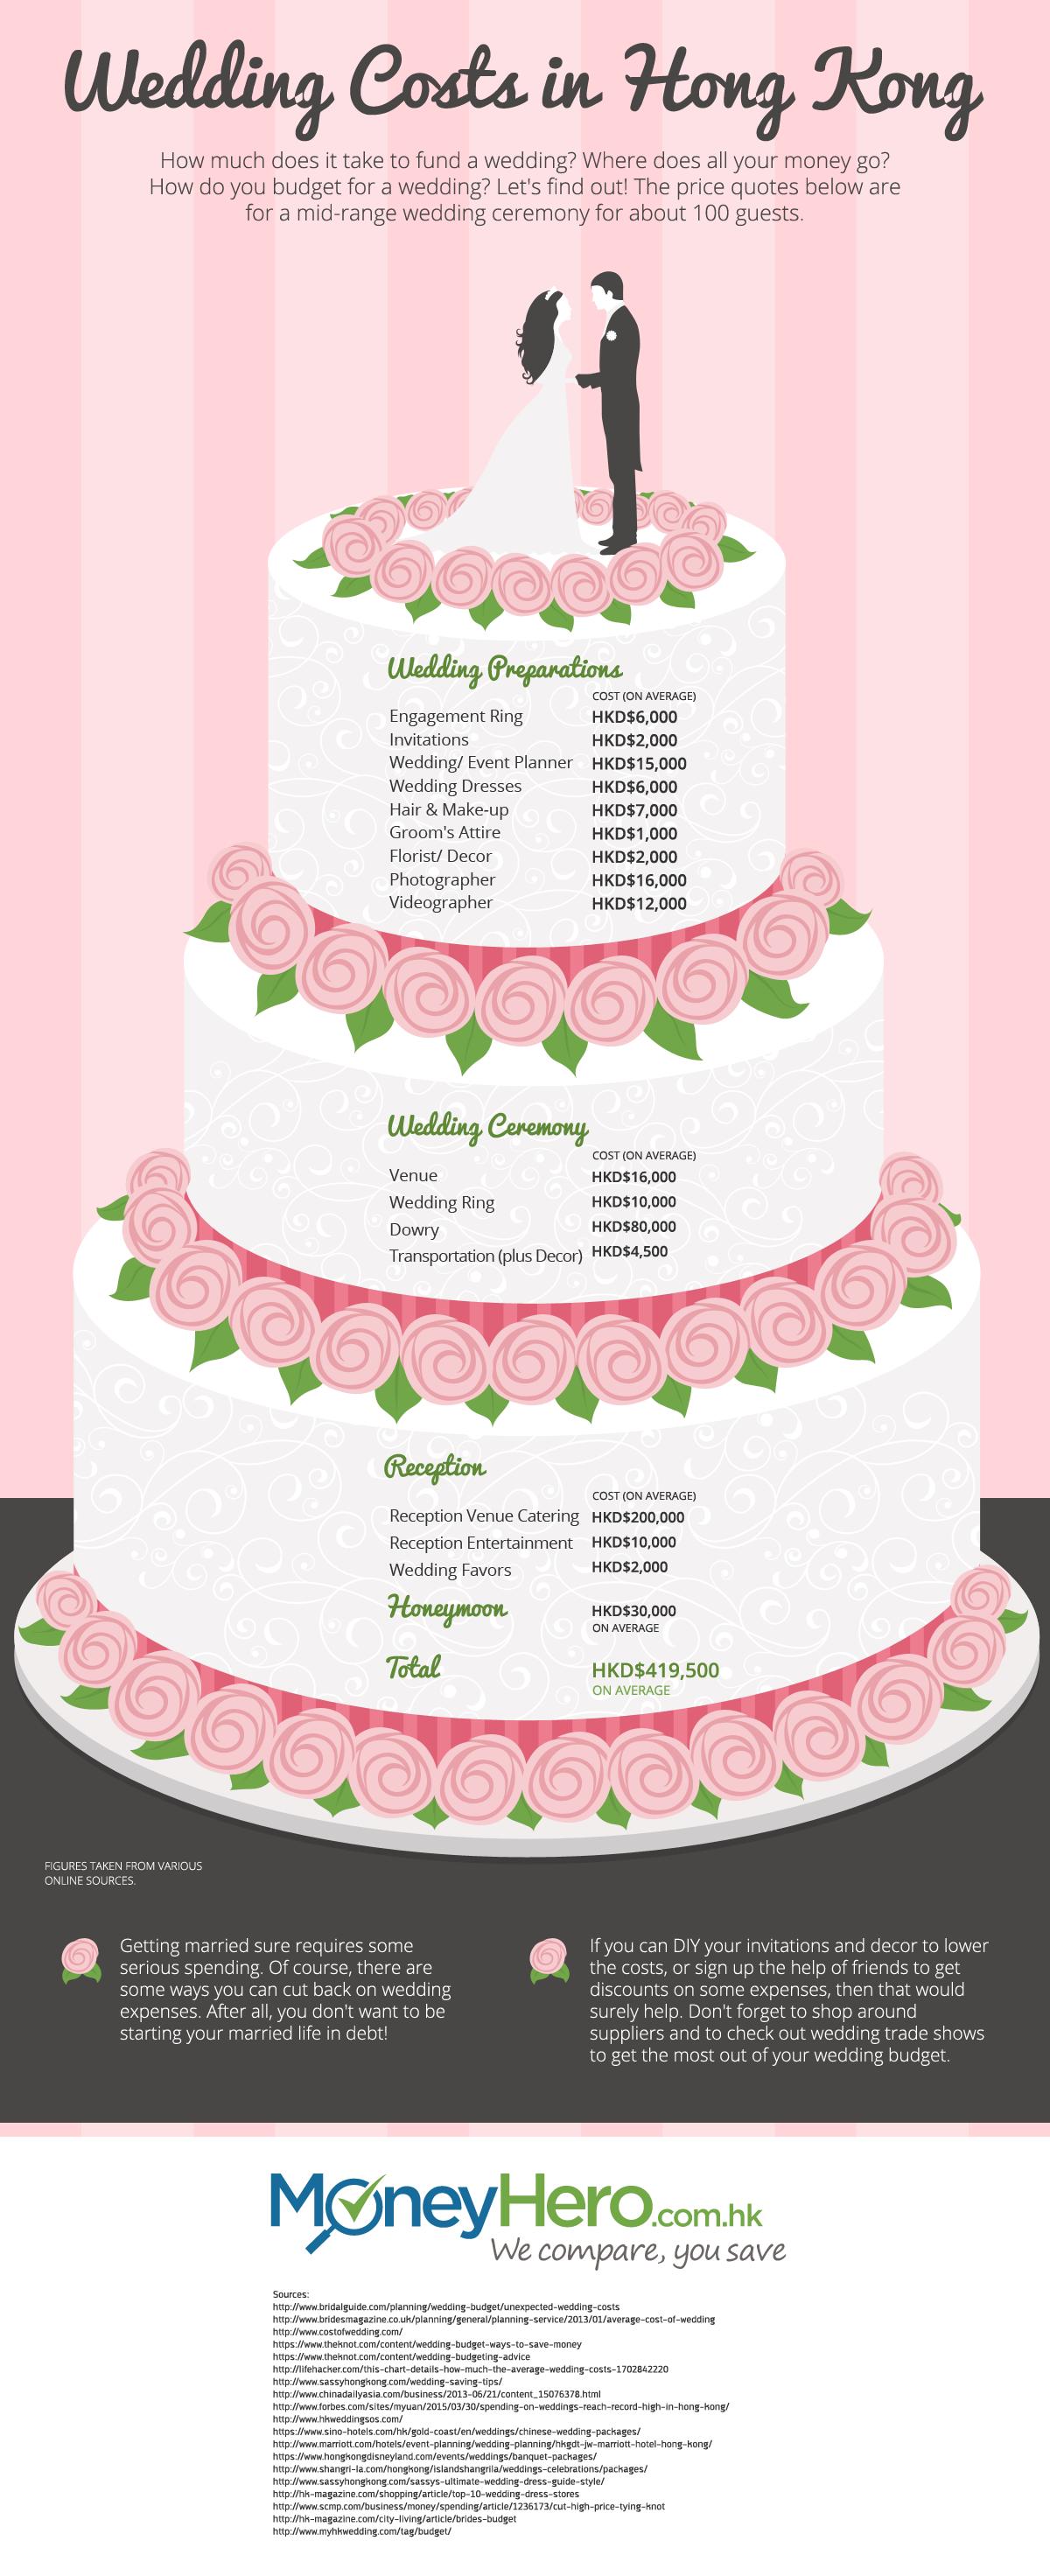 IG_HK-EN_WeddingCosts